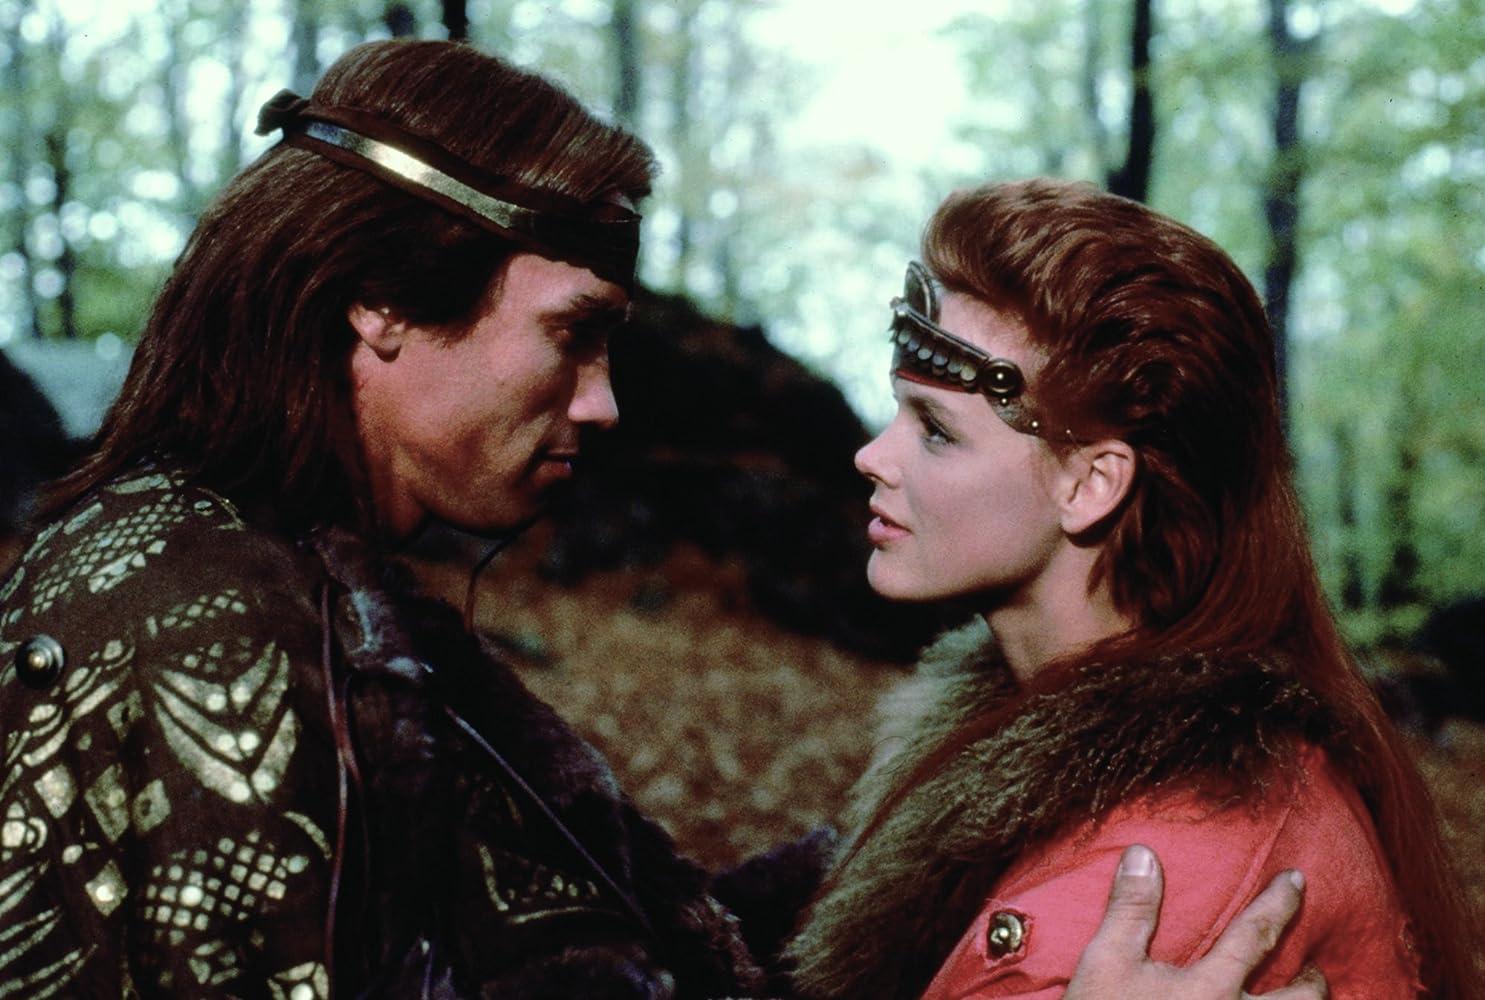 Arnold Schwarzenegger and Brigitte Nielsen in Red Sonja (1985)